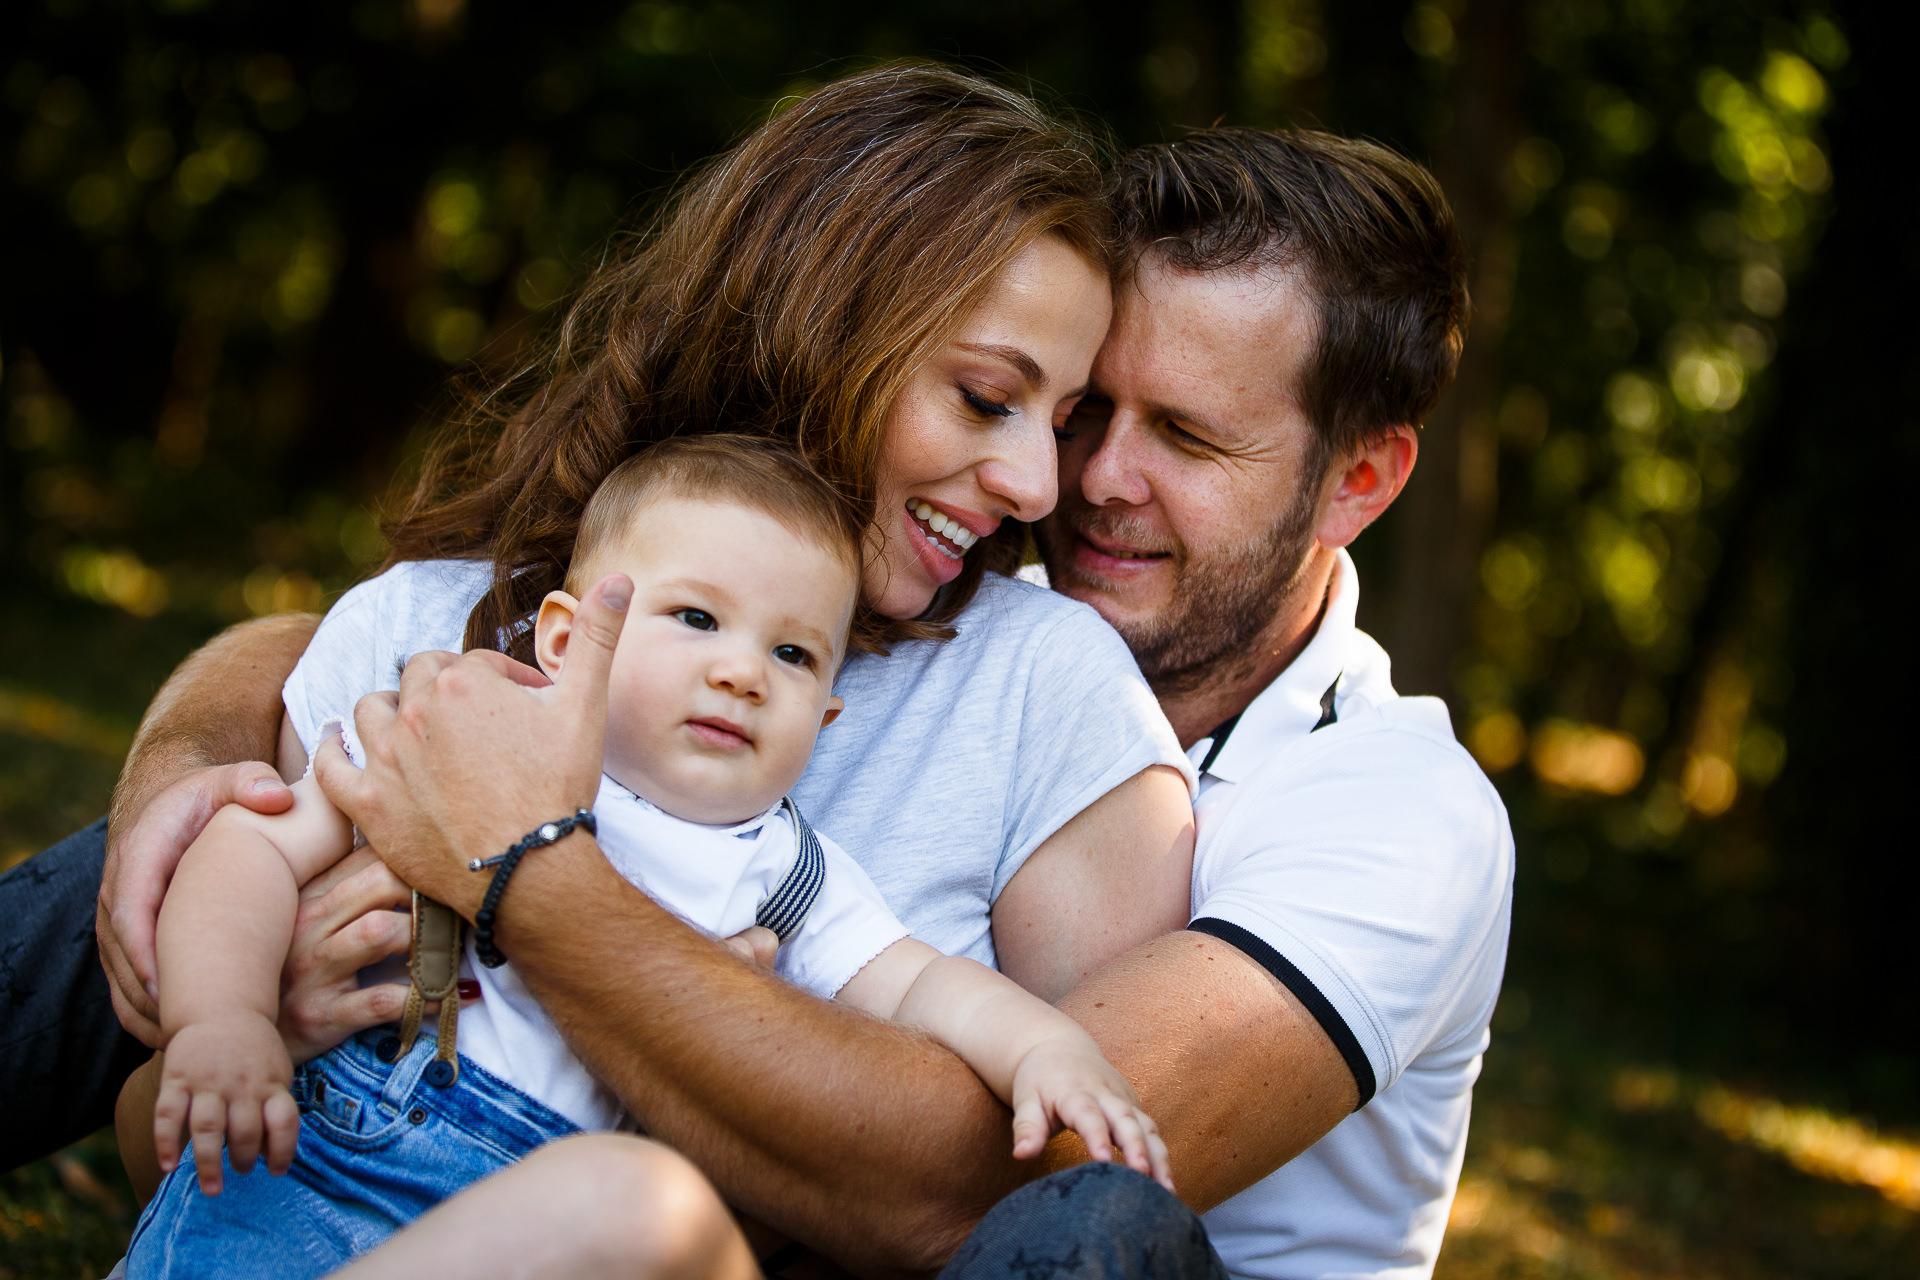 Şedinţă foto de familie | Mihai Zaharia Photography - Fotografie de copii